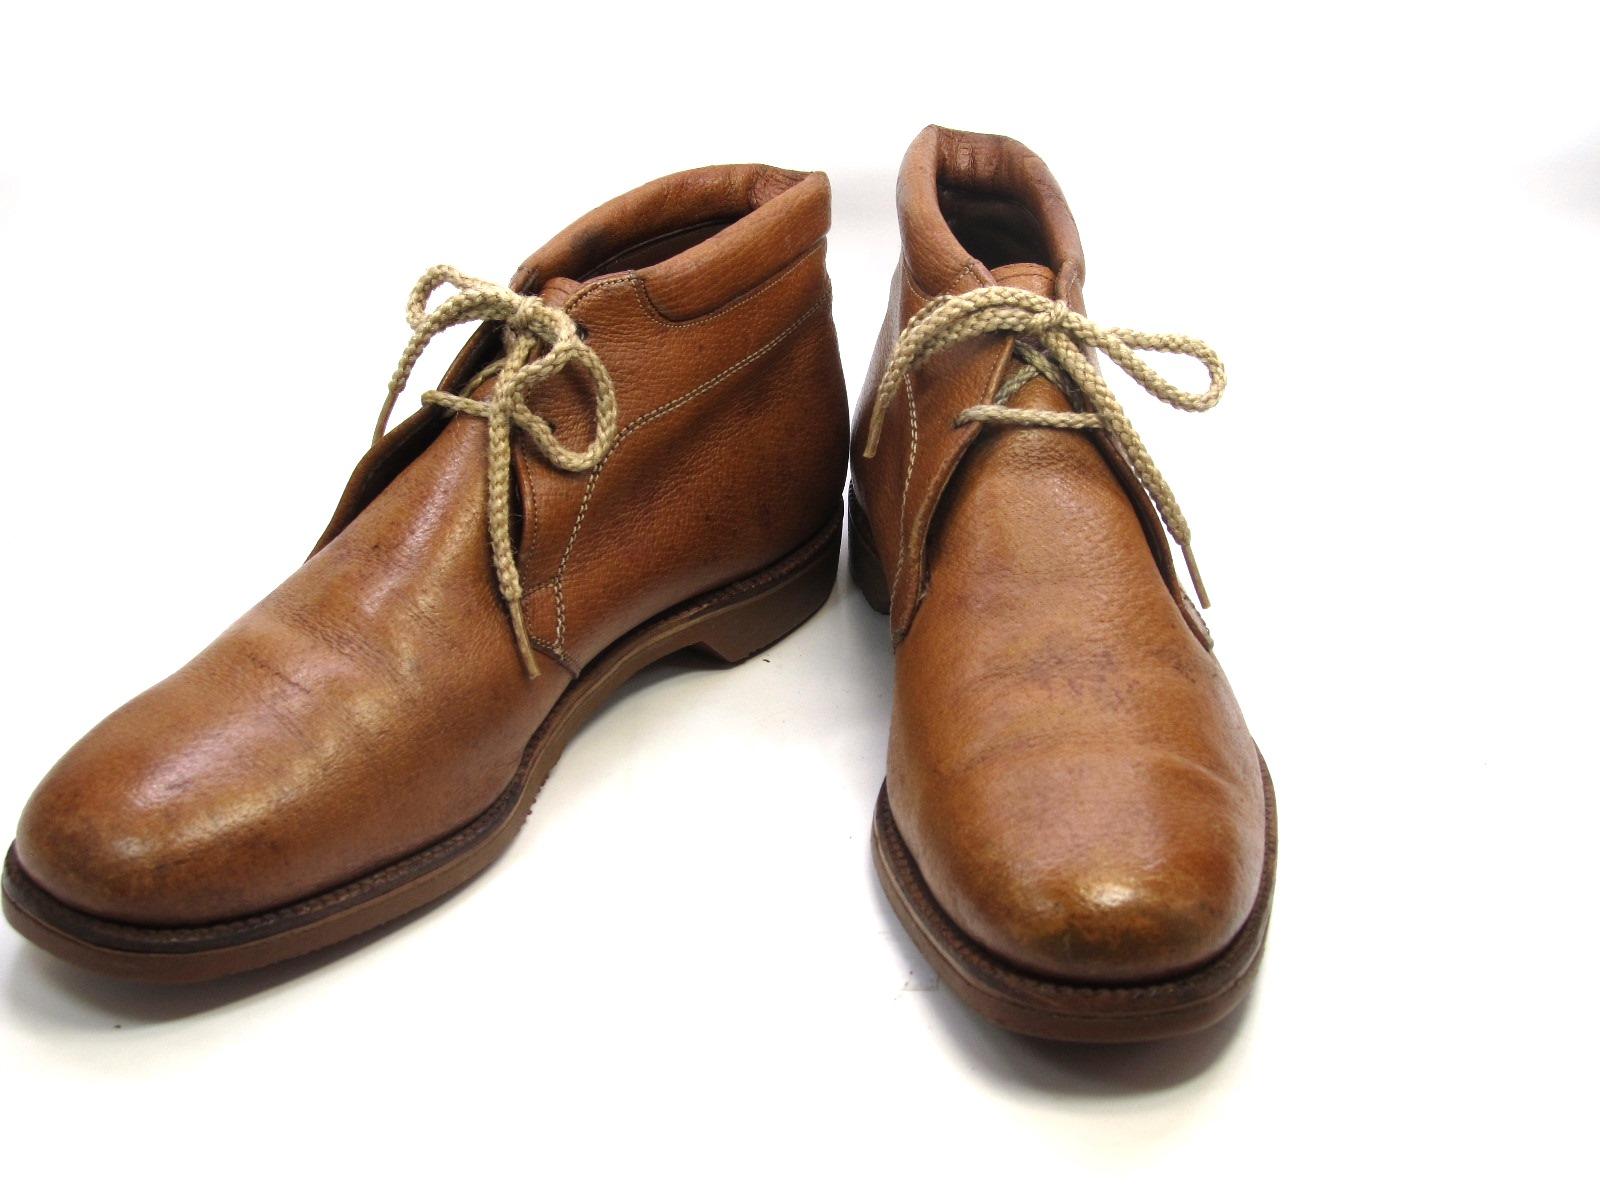 中古 送料無料 Allen Edmonds アレン エドモンズ 9.5 C 人気ショップが最安値挑戦 割引 アメリカ製 紳士 カジュアル 靴 28.0cm~28.5cm チャッカブーツメンズシューズ ビジネス メンテナンス済